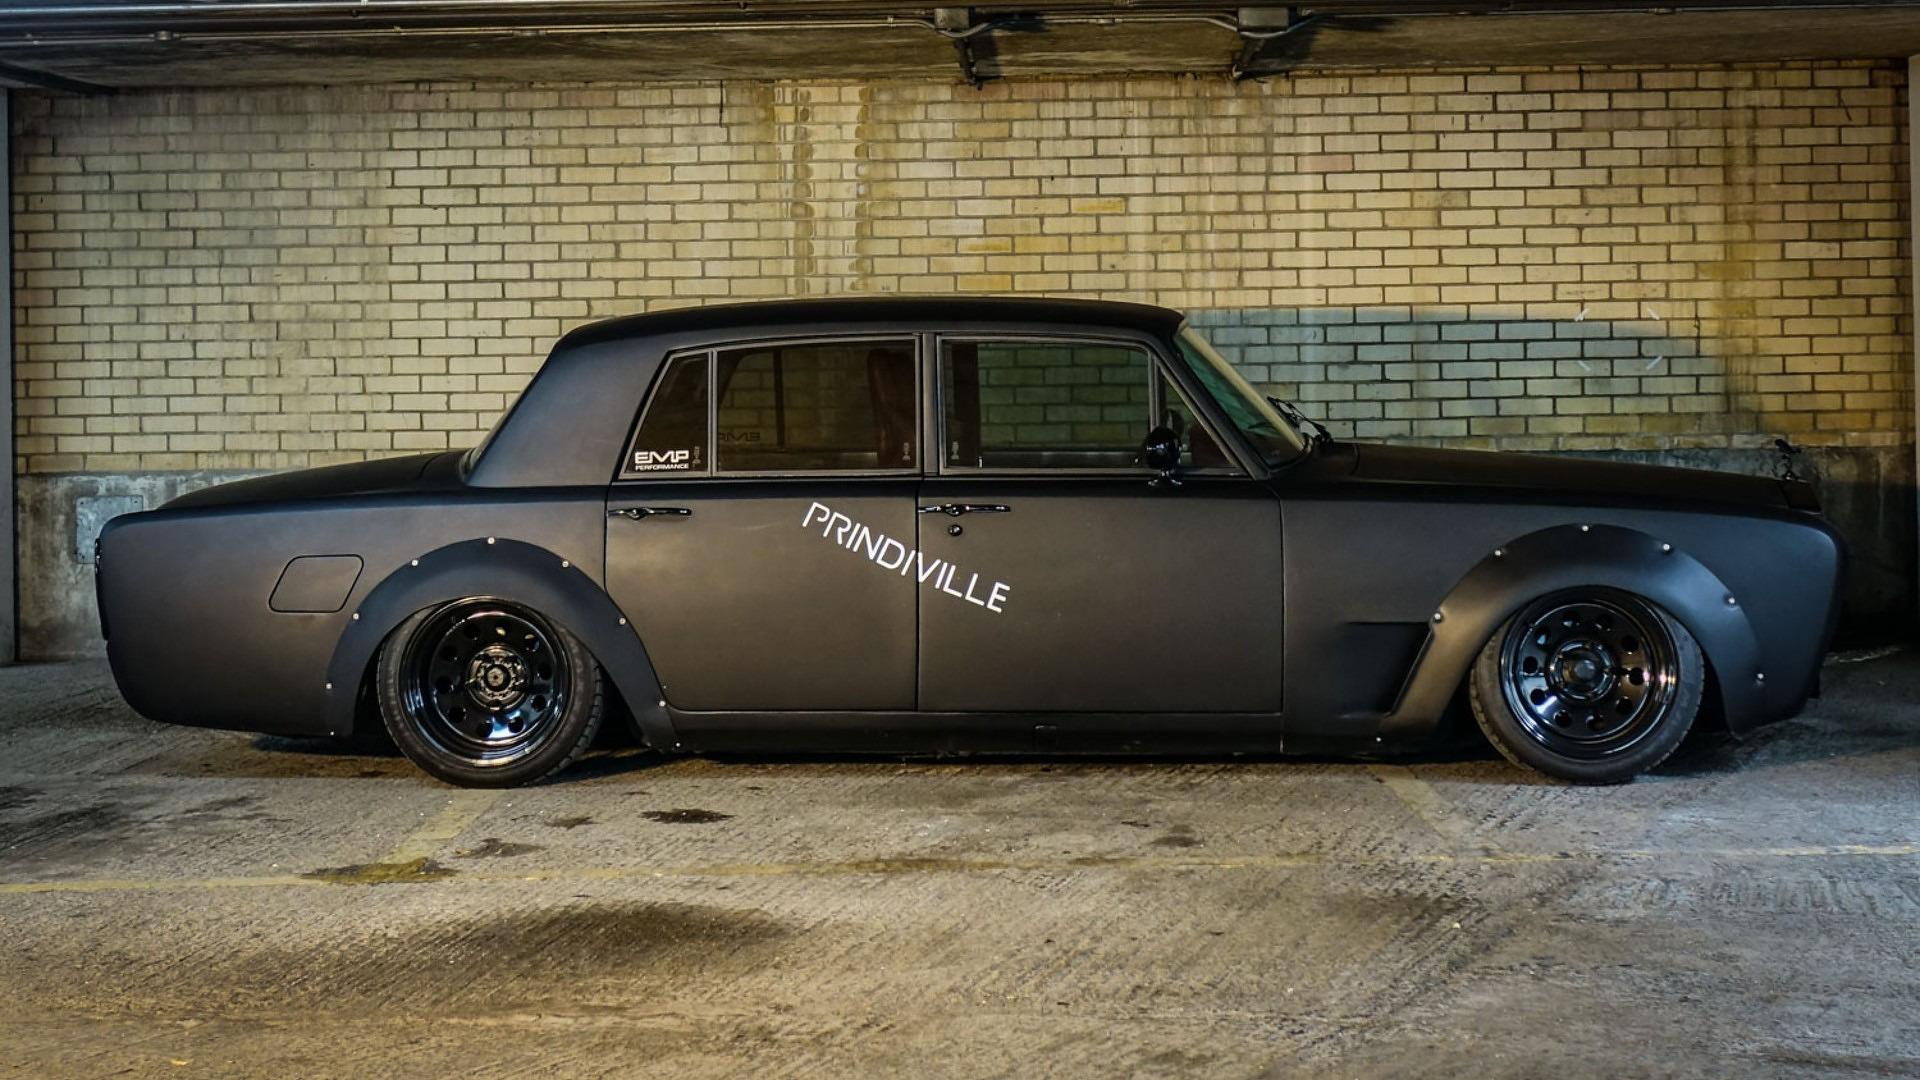 rolls-royce-silver-shadow-drift-car4